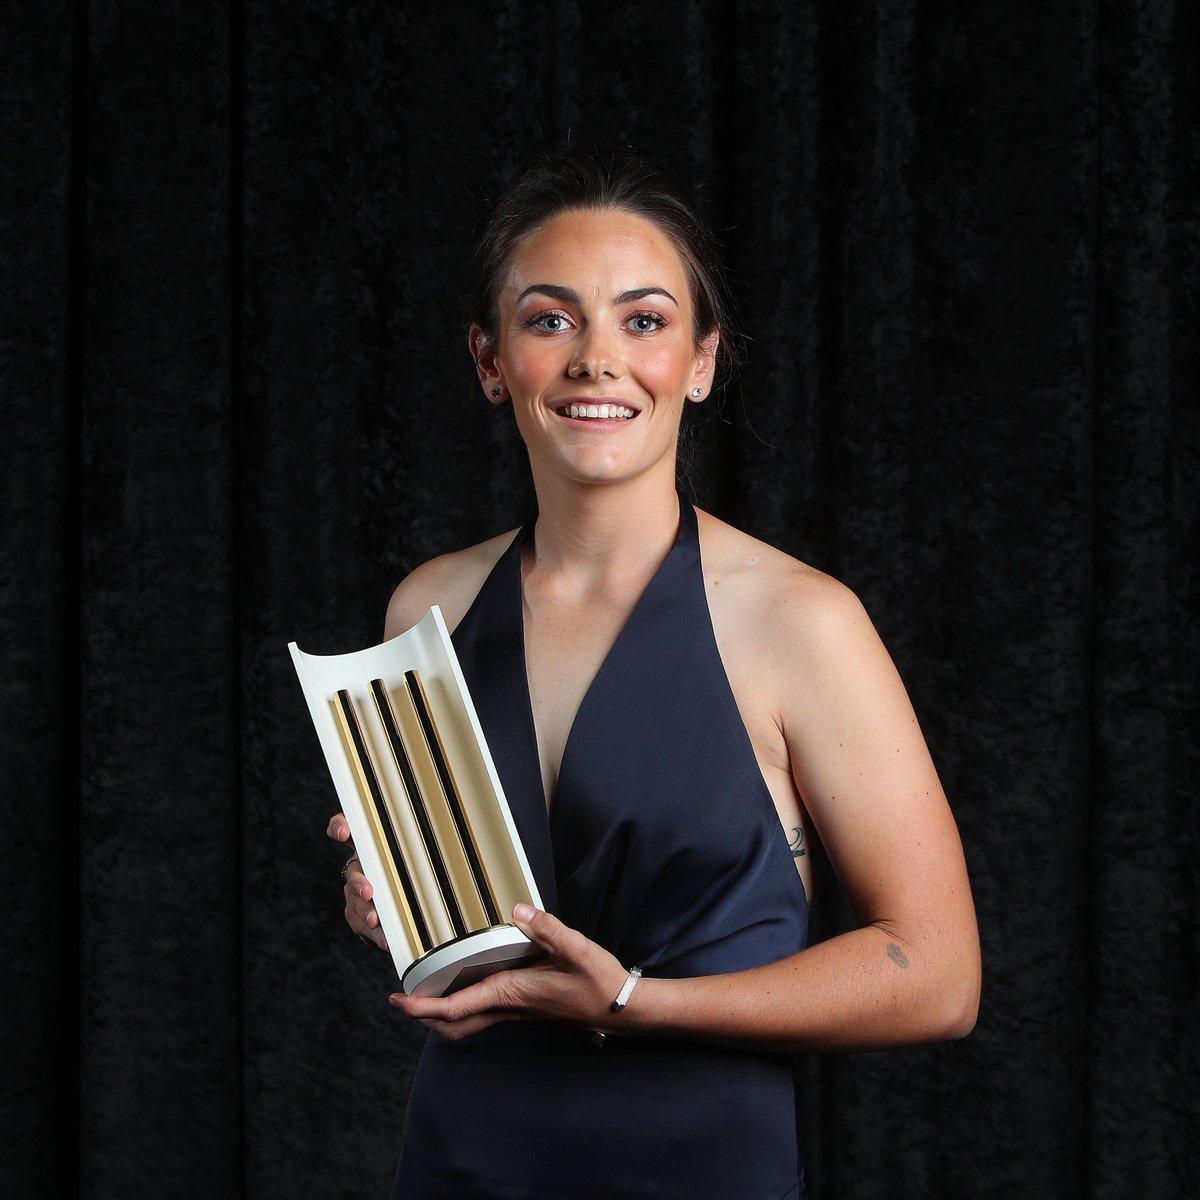 Australian Women's Cricket Team �'s photo on Australian Cricket Awards